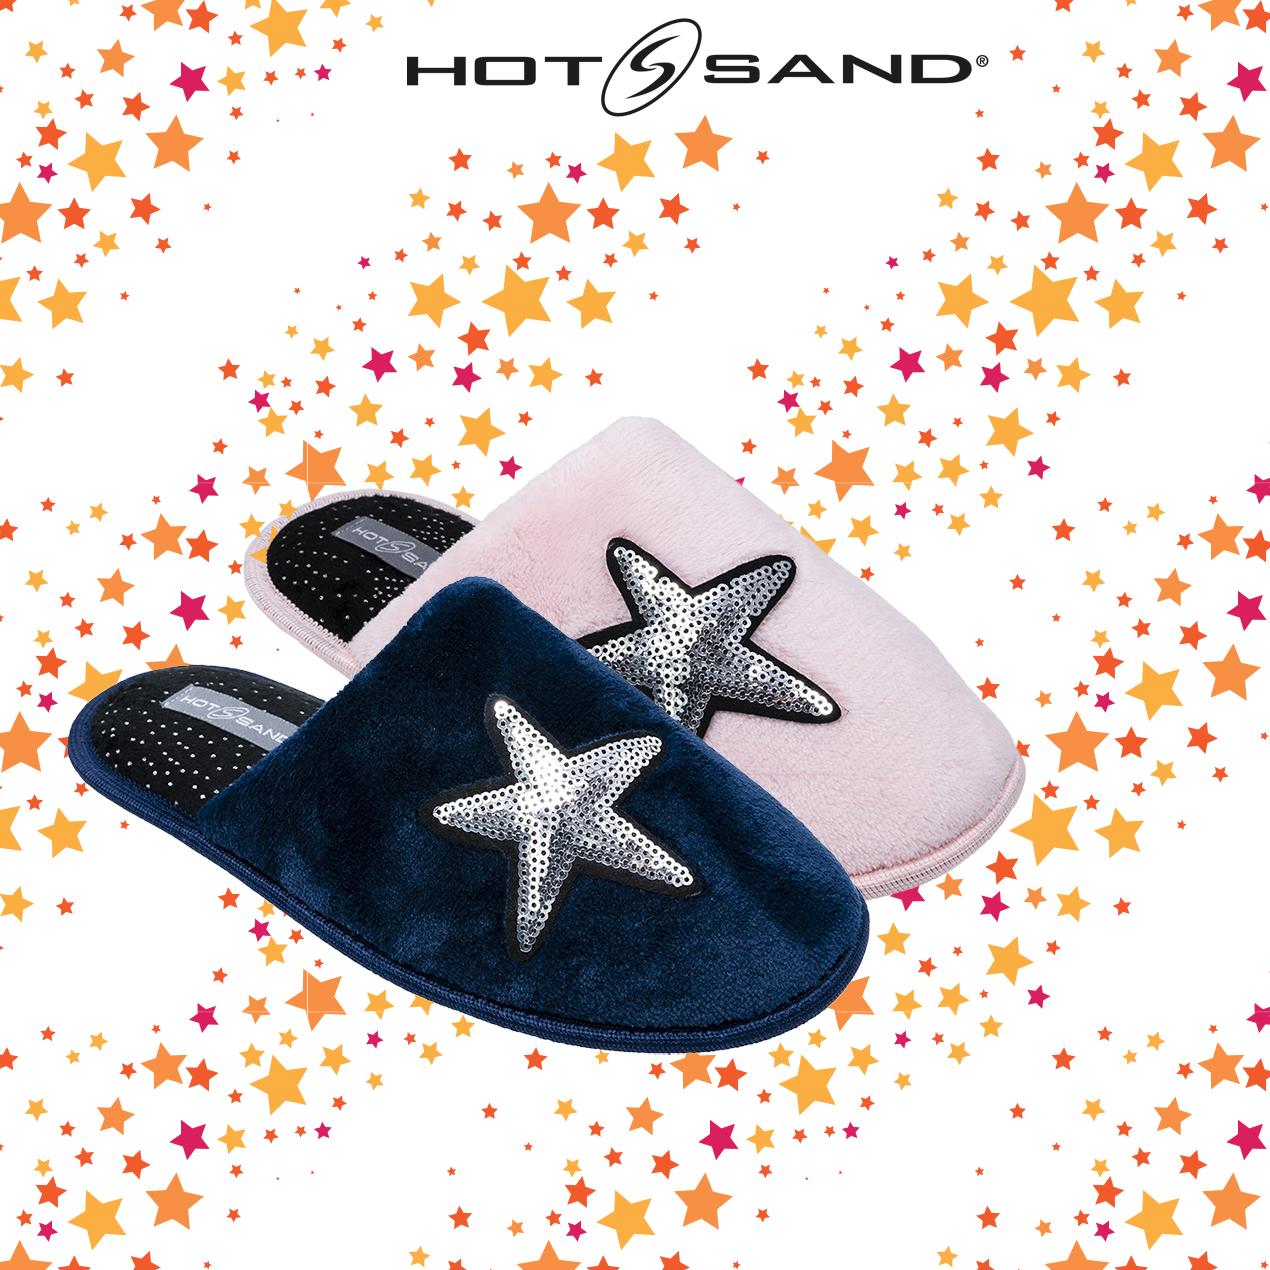 Photo of Lunedì stellare ⭐ Iniziamo la settima con luminosità! #hotsand #paillettes #…